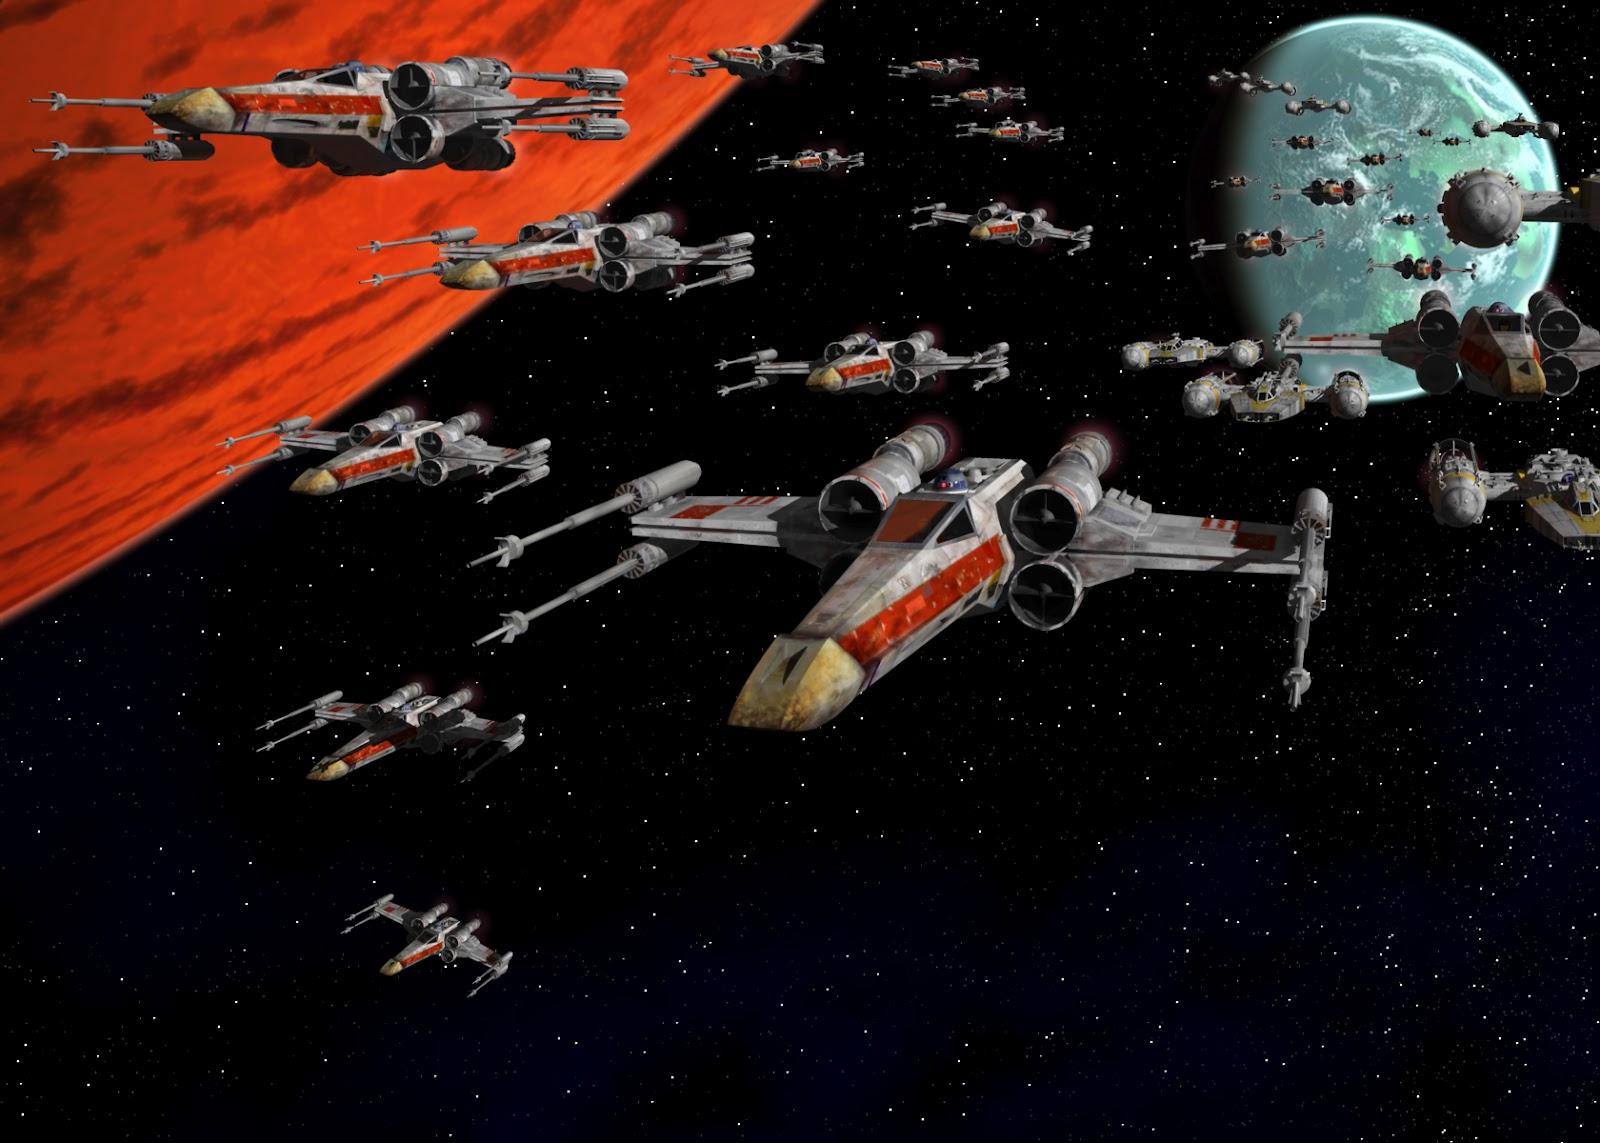 http://4.bp.blogspot.com/-k9Q9LhnJMBw/T9niJSoOqcI/AAAAAAAAF5U/l6Q1Mda_mAE/s1600/Star-wars-wallpaper-9.jpg